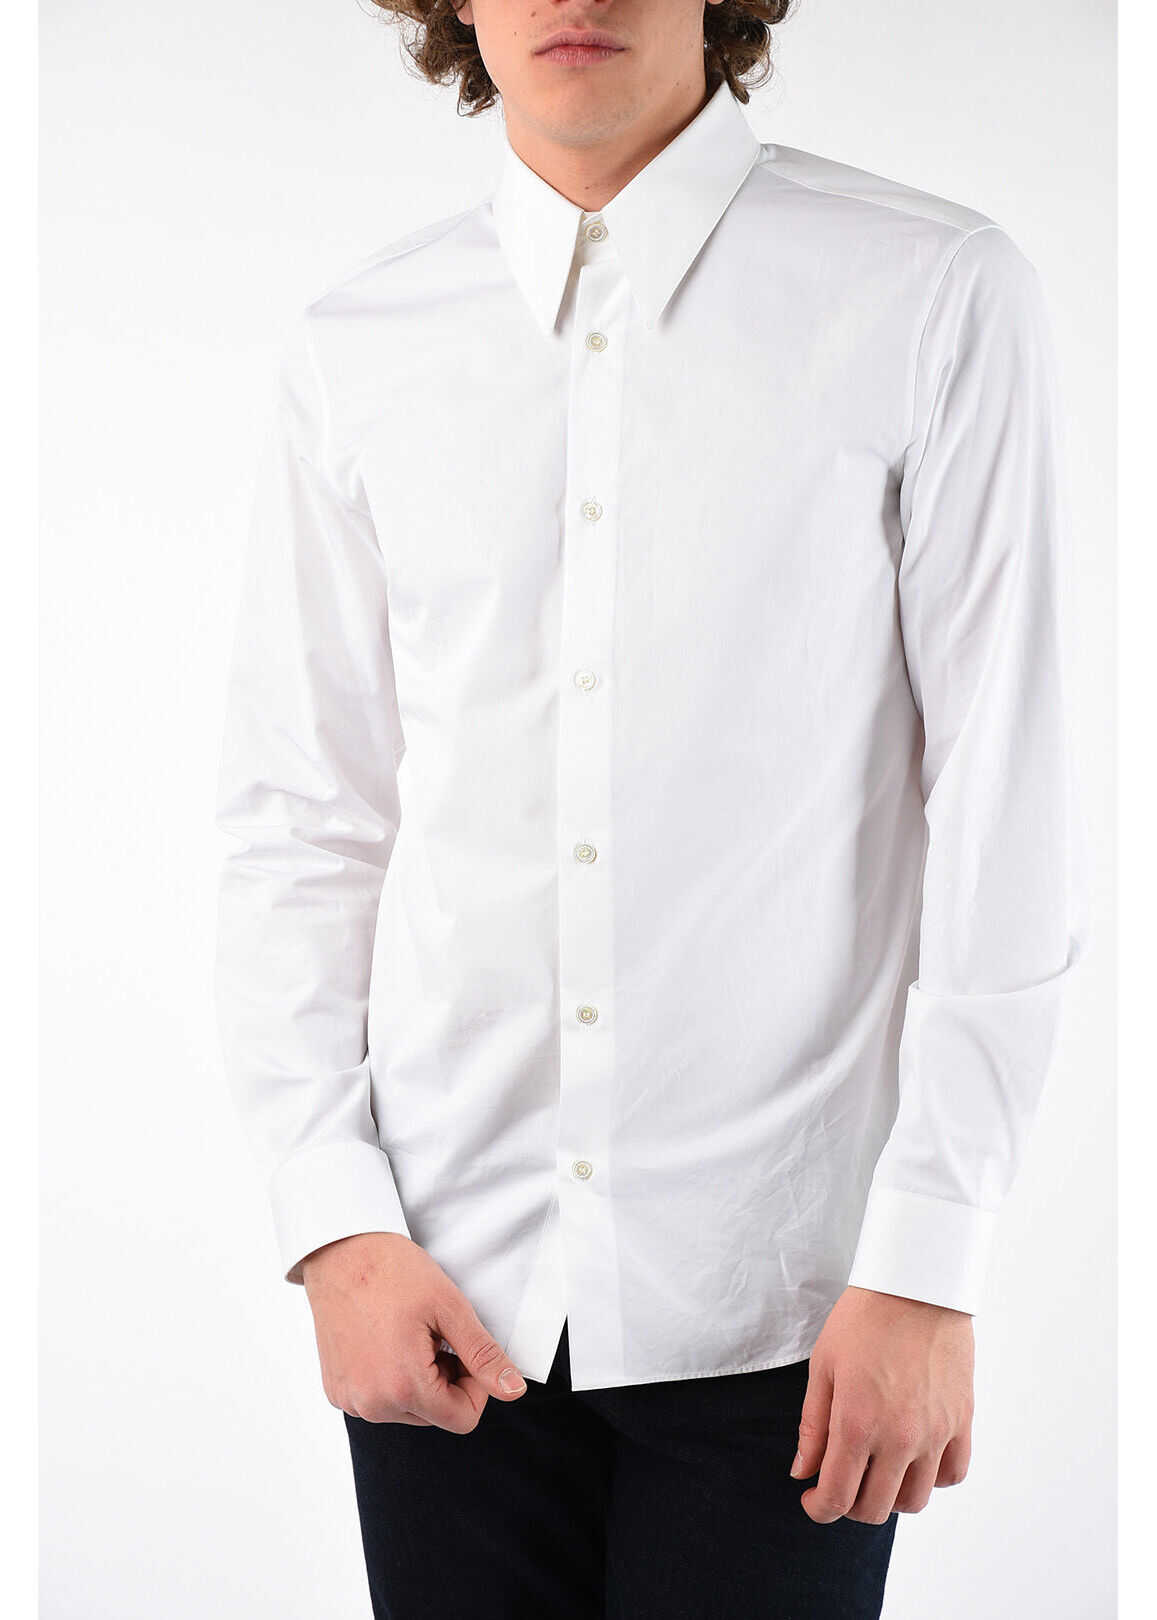 Calvin Klein 205W39NYC Embroidery Shirt WHITE